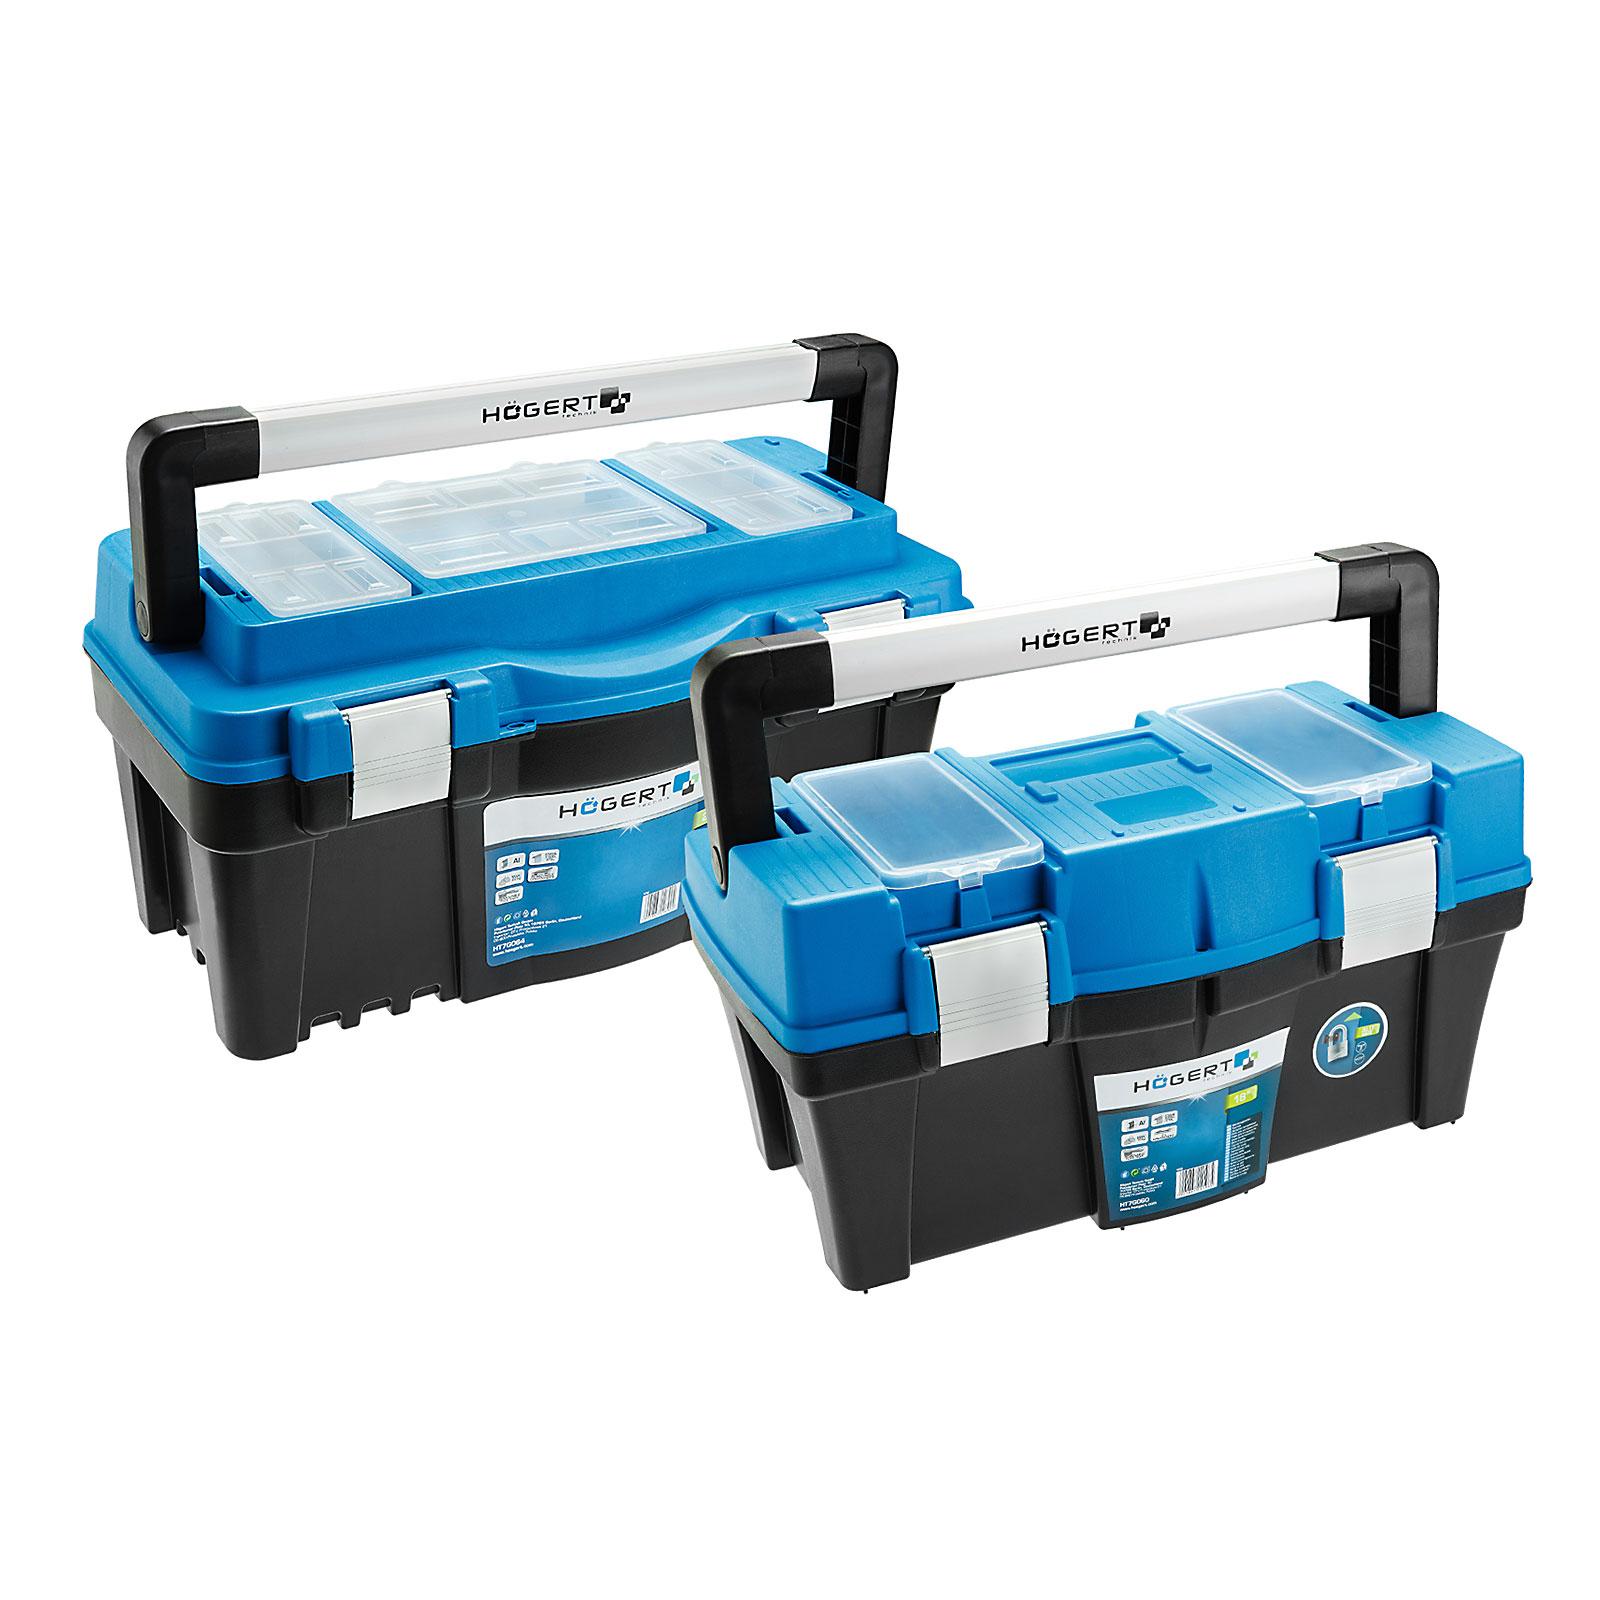 werkzeugkoffer werkzeugkasten werkzeugkiste transportbox werkzeug